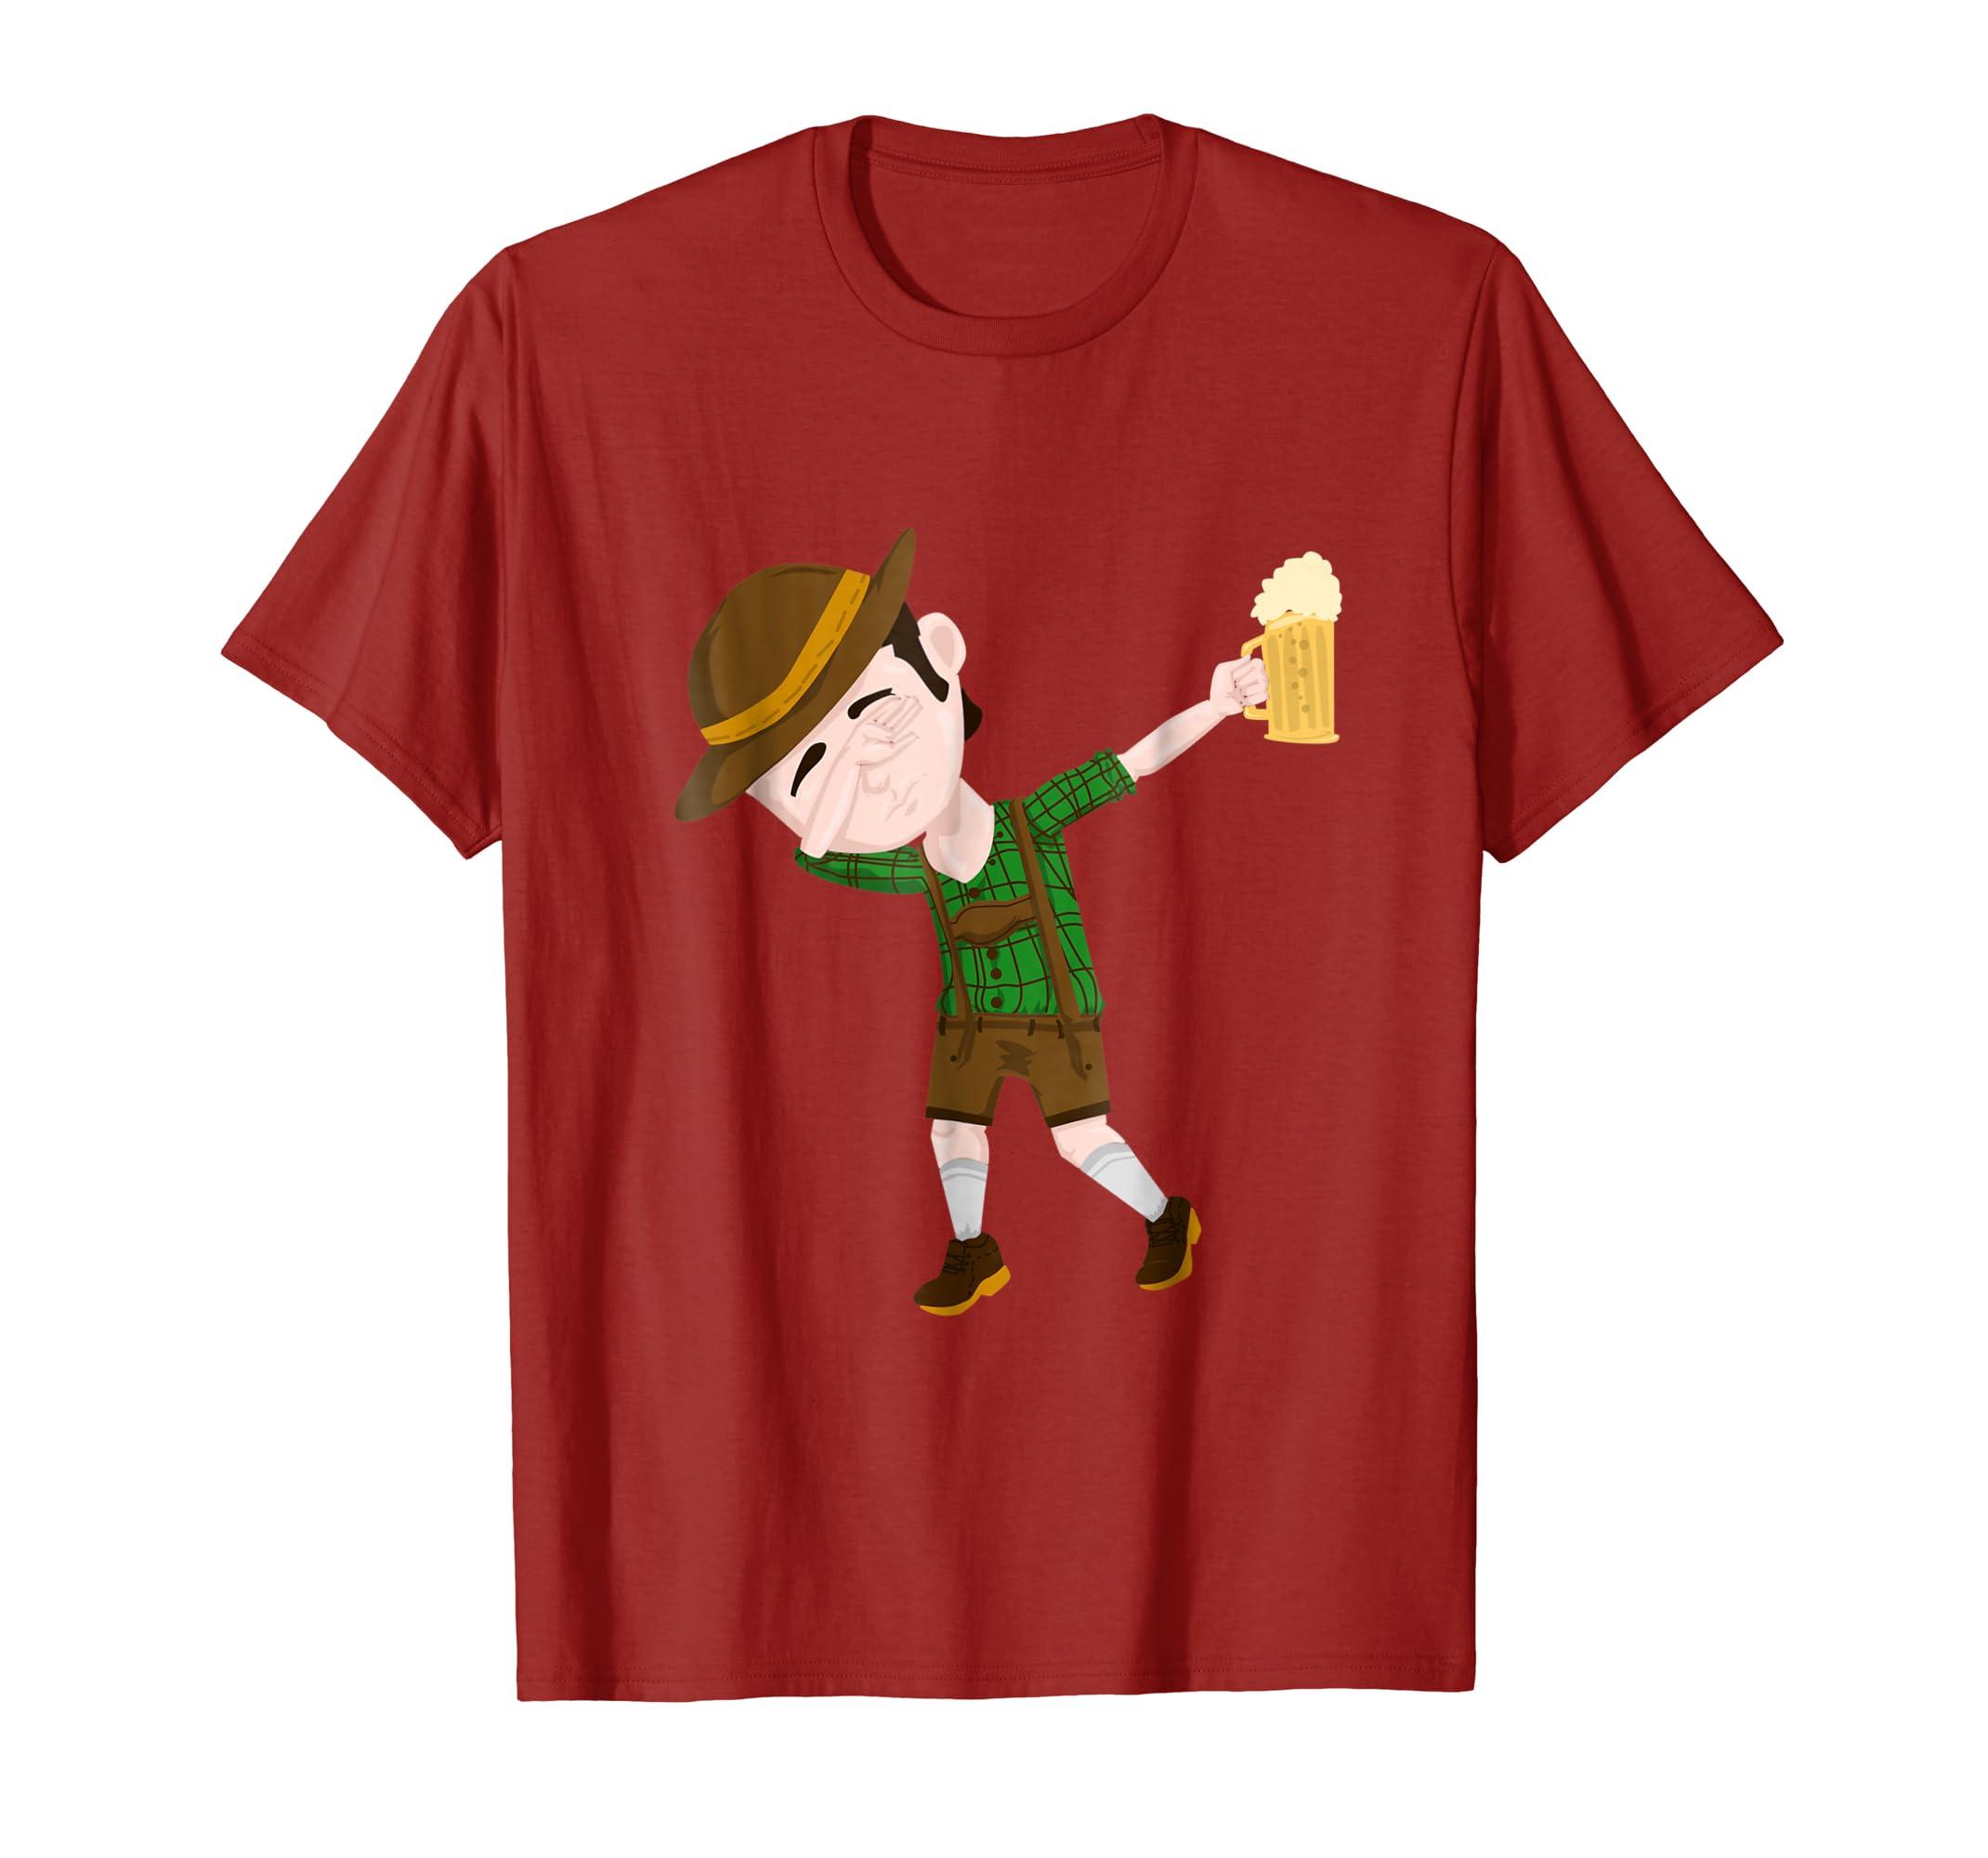 Dab Dance Shirt, Oktoberfest Lederhosen Tshirts for Men-AZP